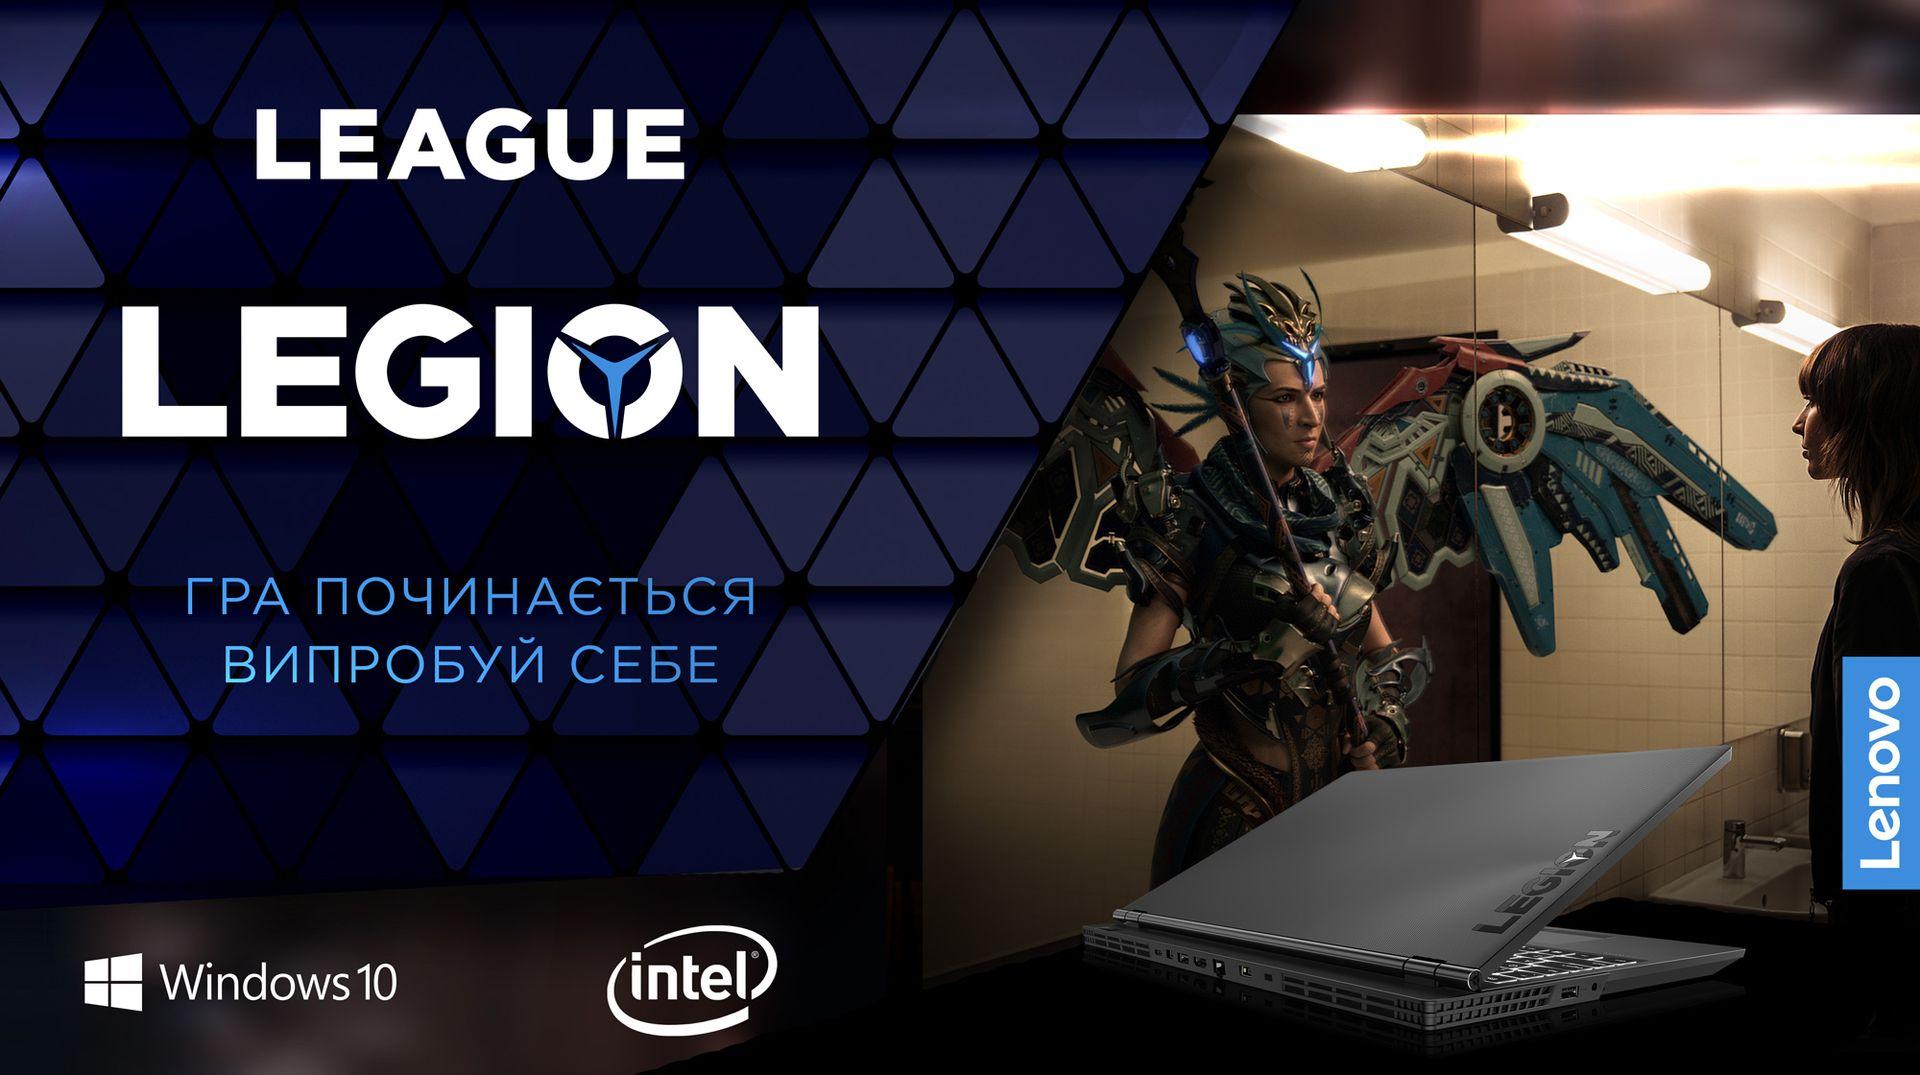 Українських ґеймерів кличуть на турнір League Legion